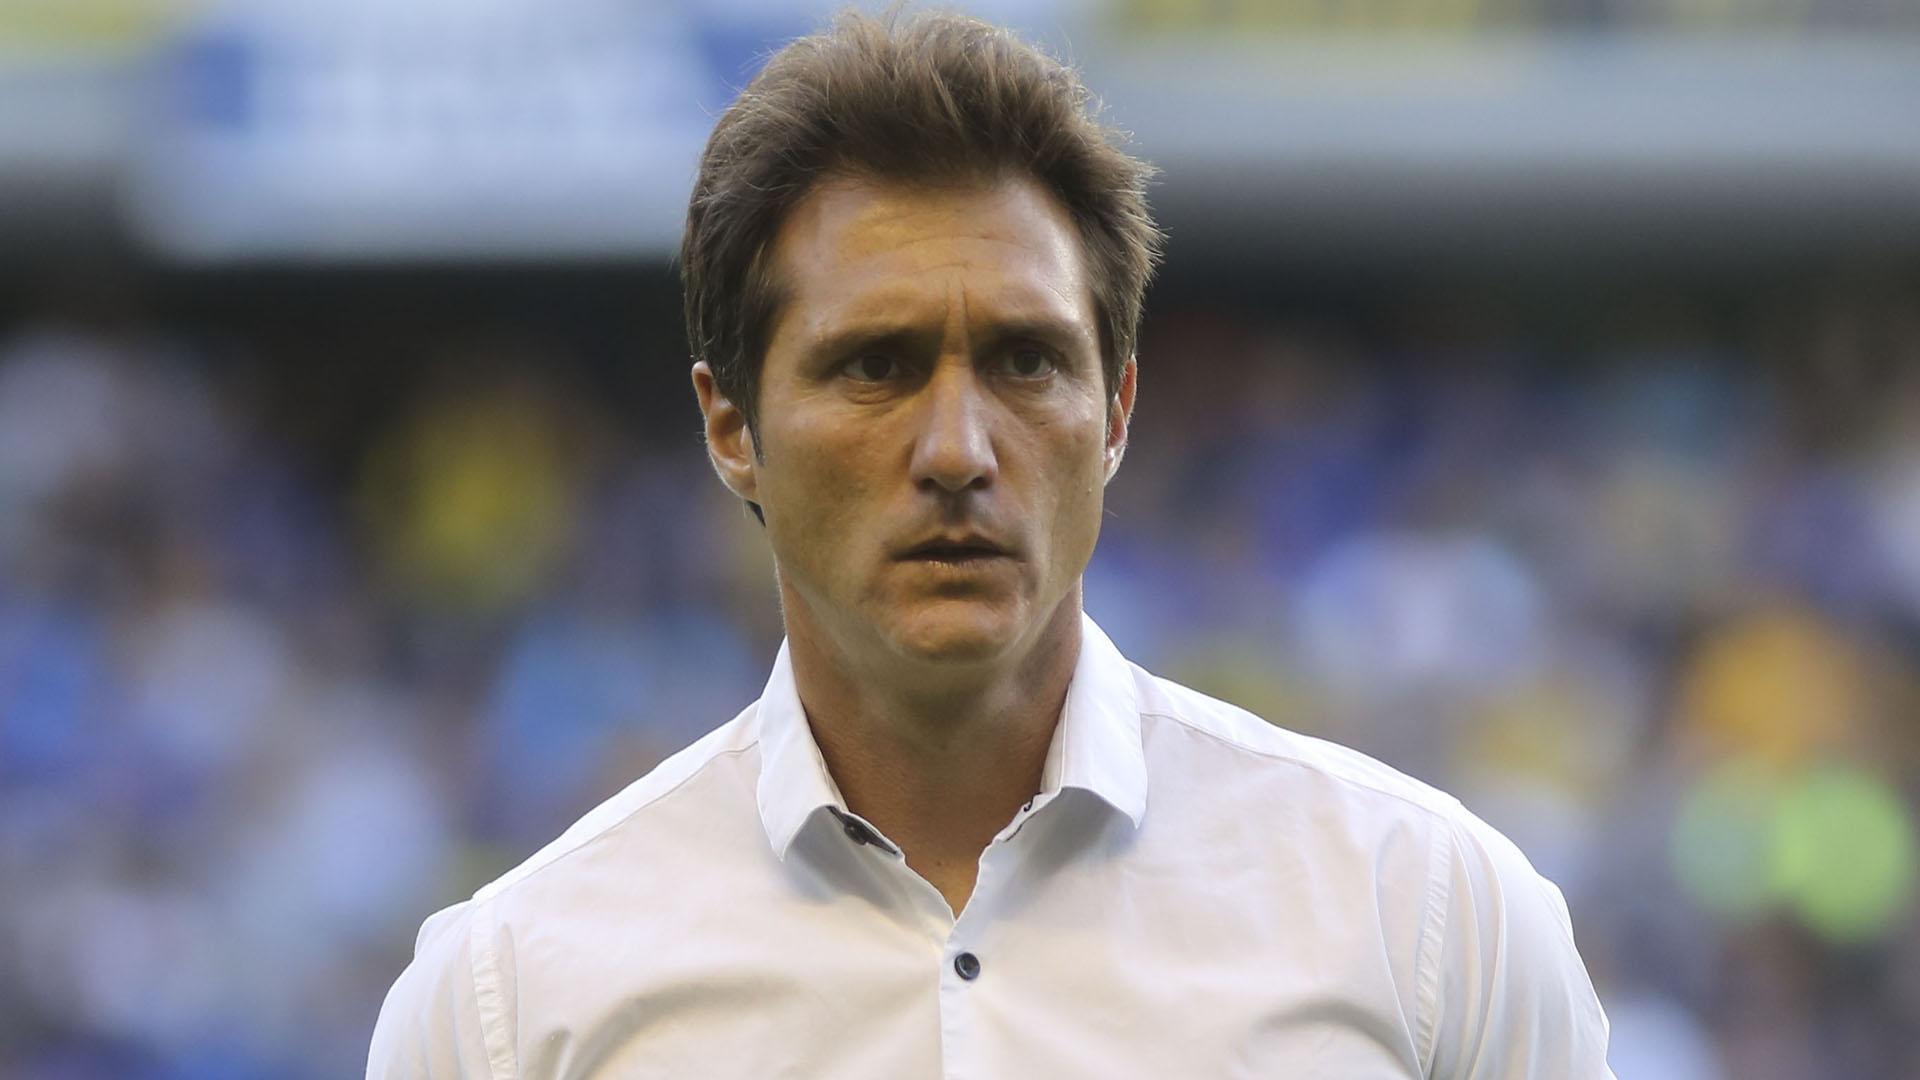 Guillermo le dará la chance a varios suplentes: lo desvela la Libertadores (NA)